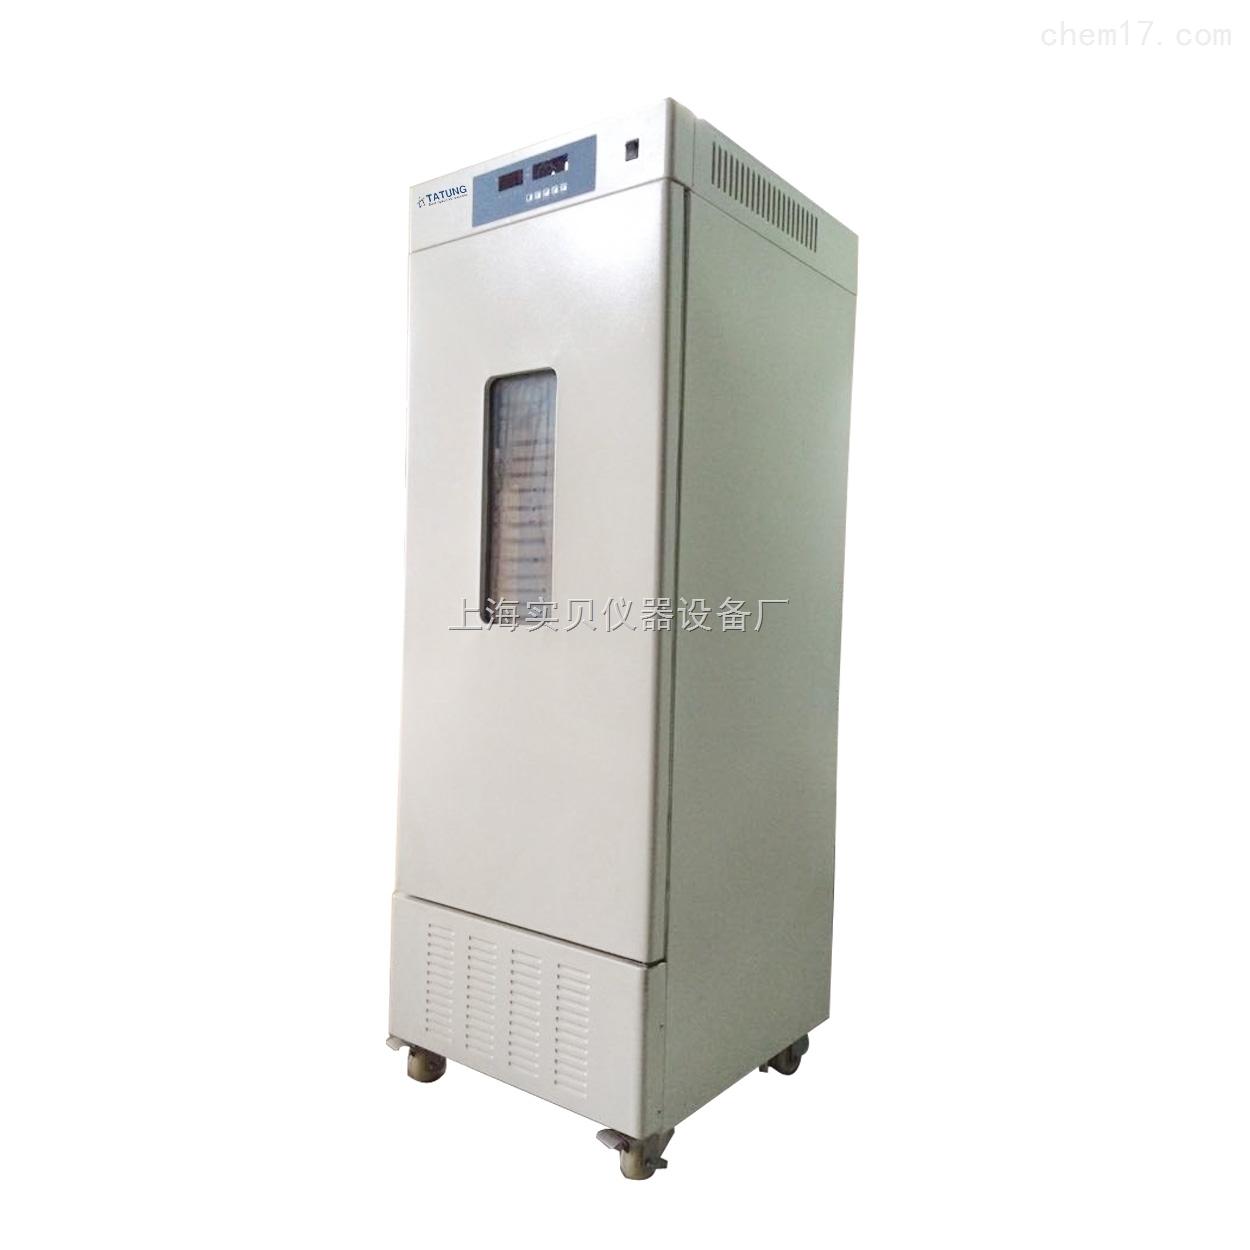 生物醫用低溫恒溫生化培養箱